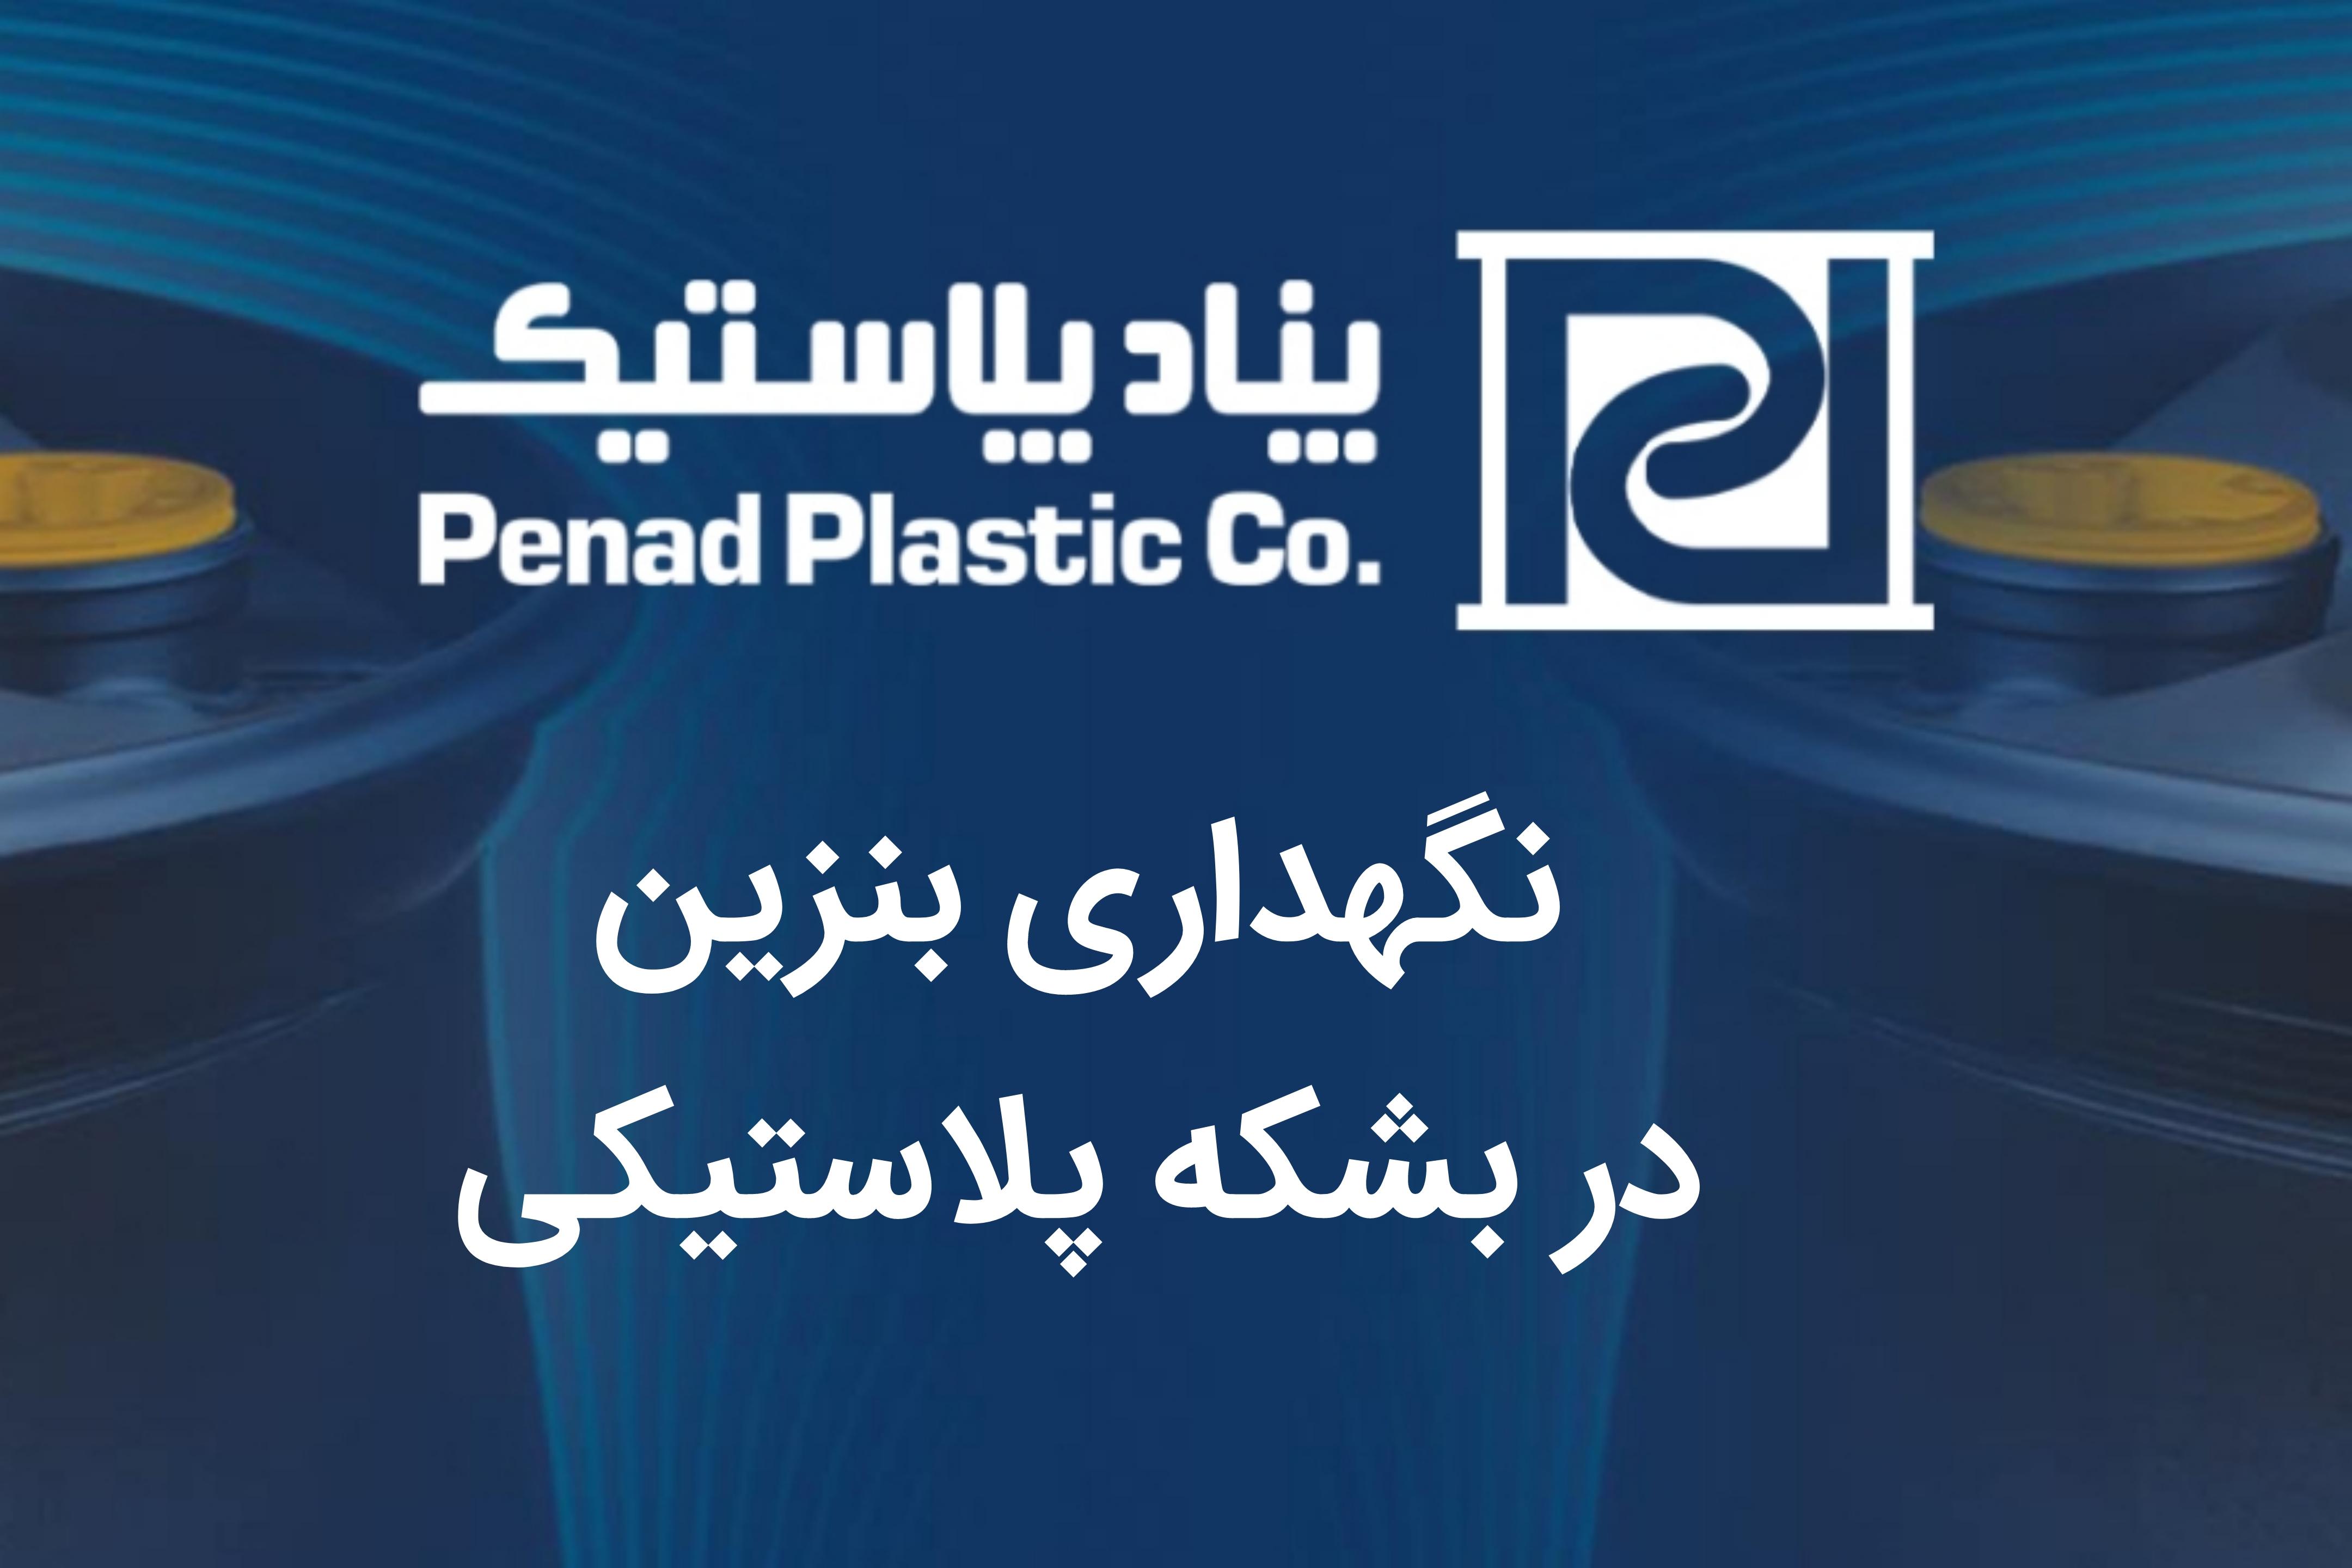 نگهداری بنزین در پلاستیک